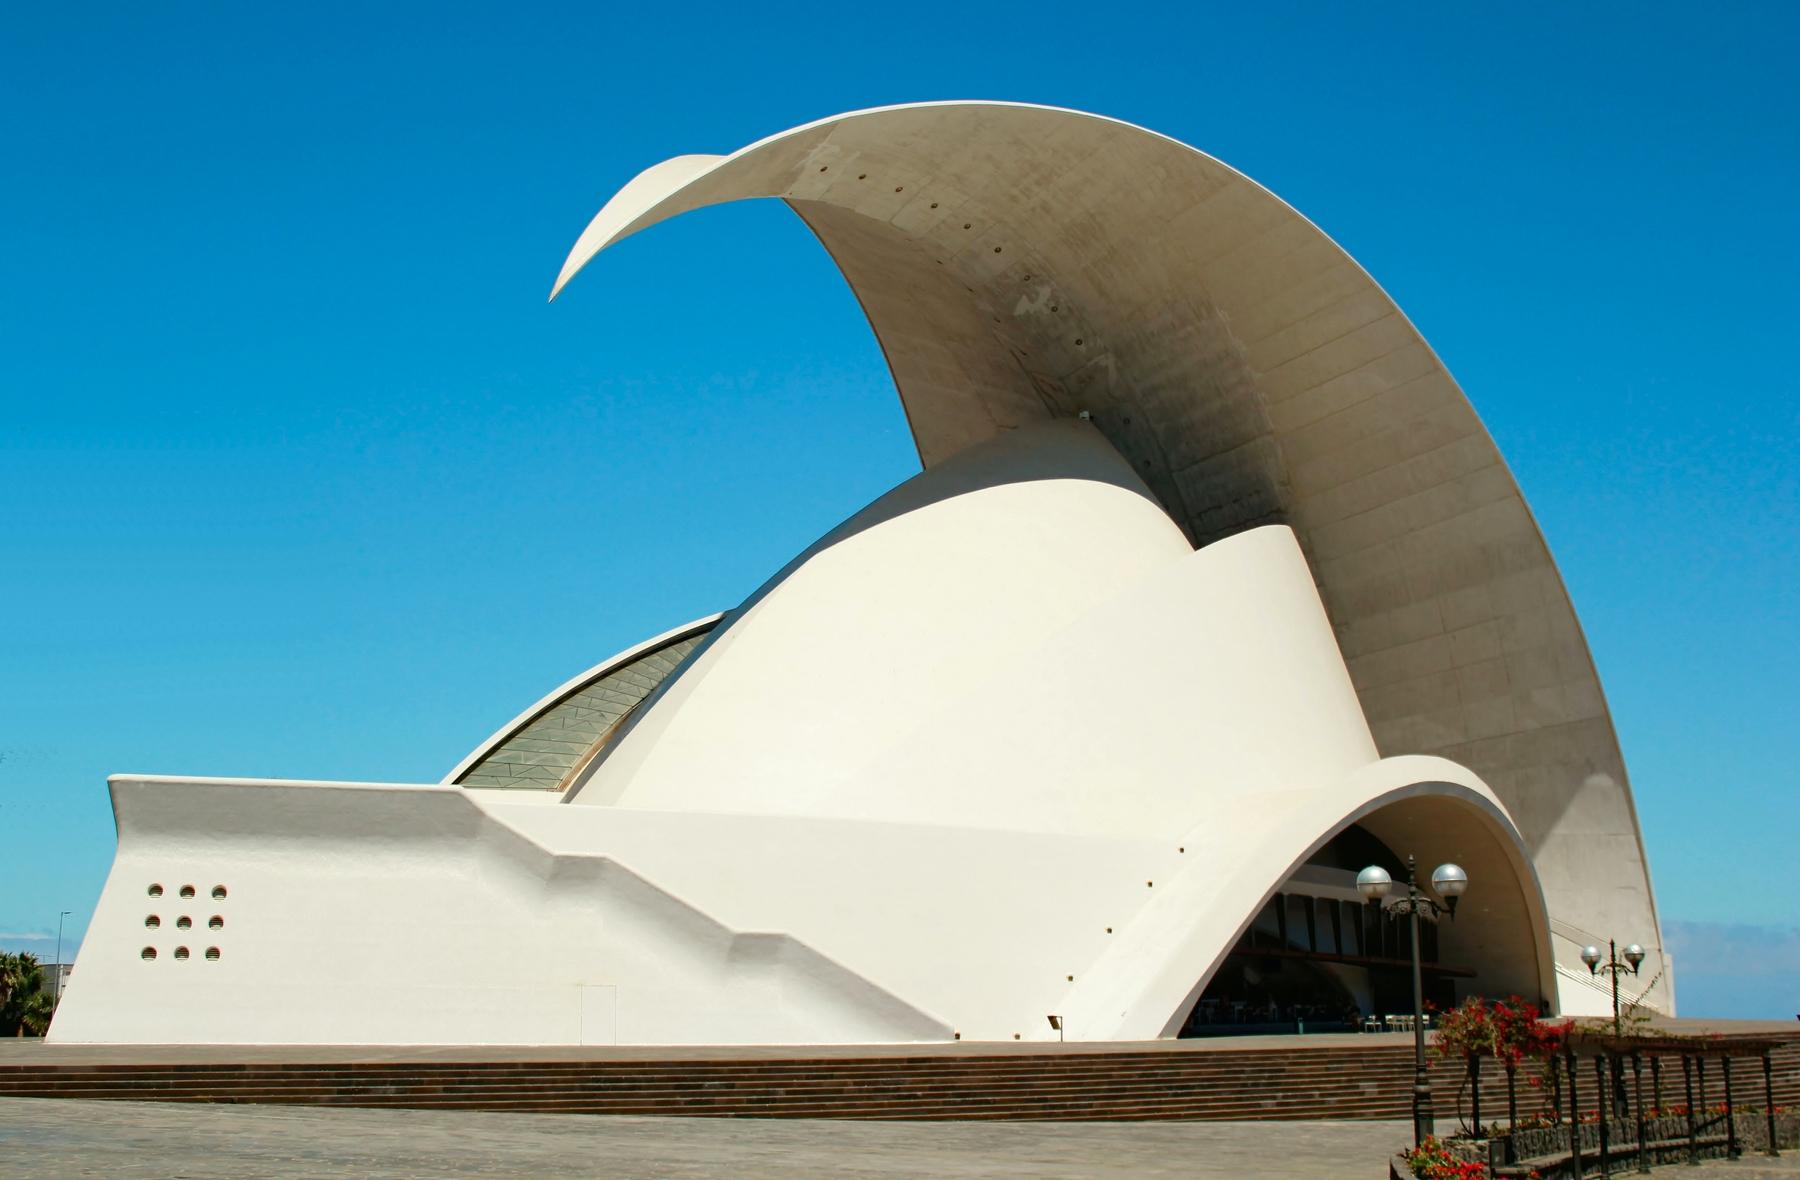 Museum Tenerife Espacio de las Artes in Santa Cruz